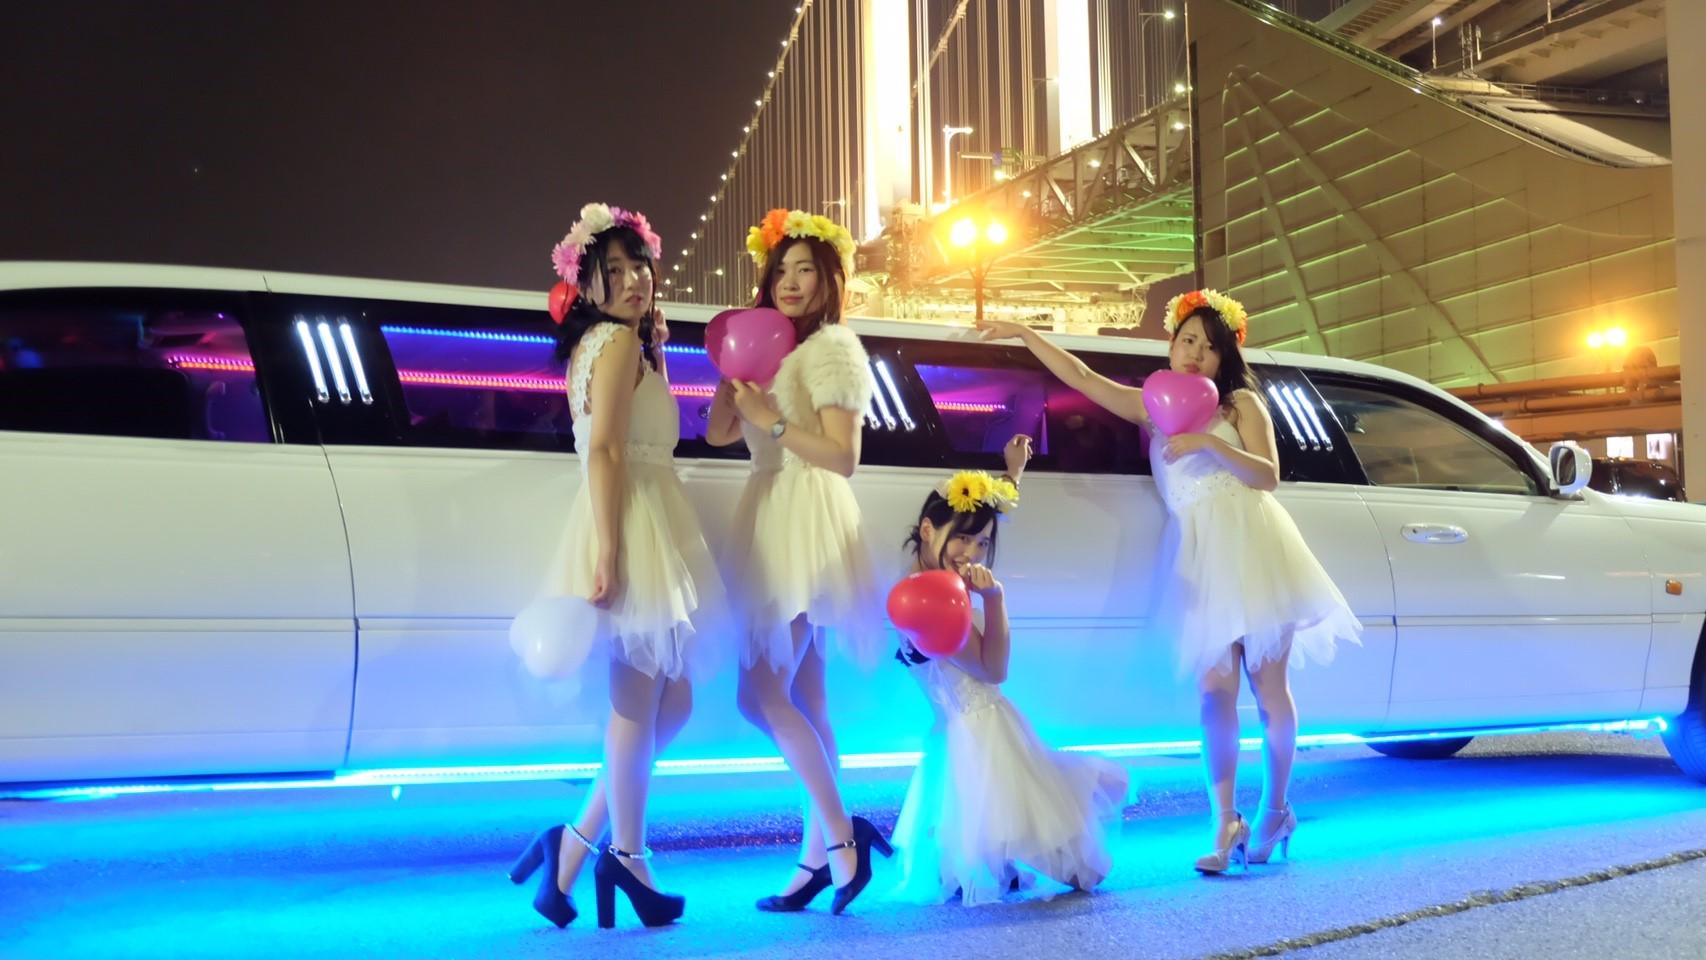 リムジンパーティー 女子会